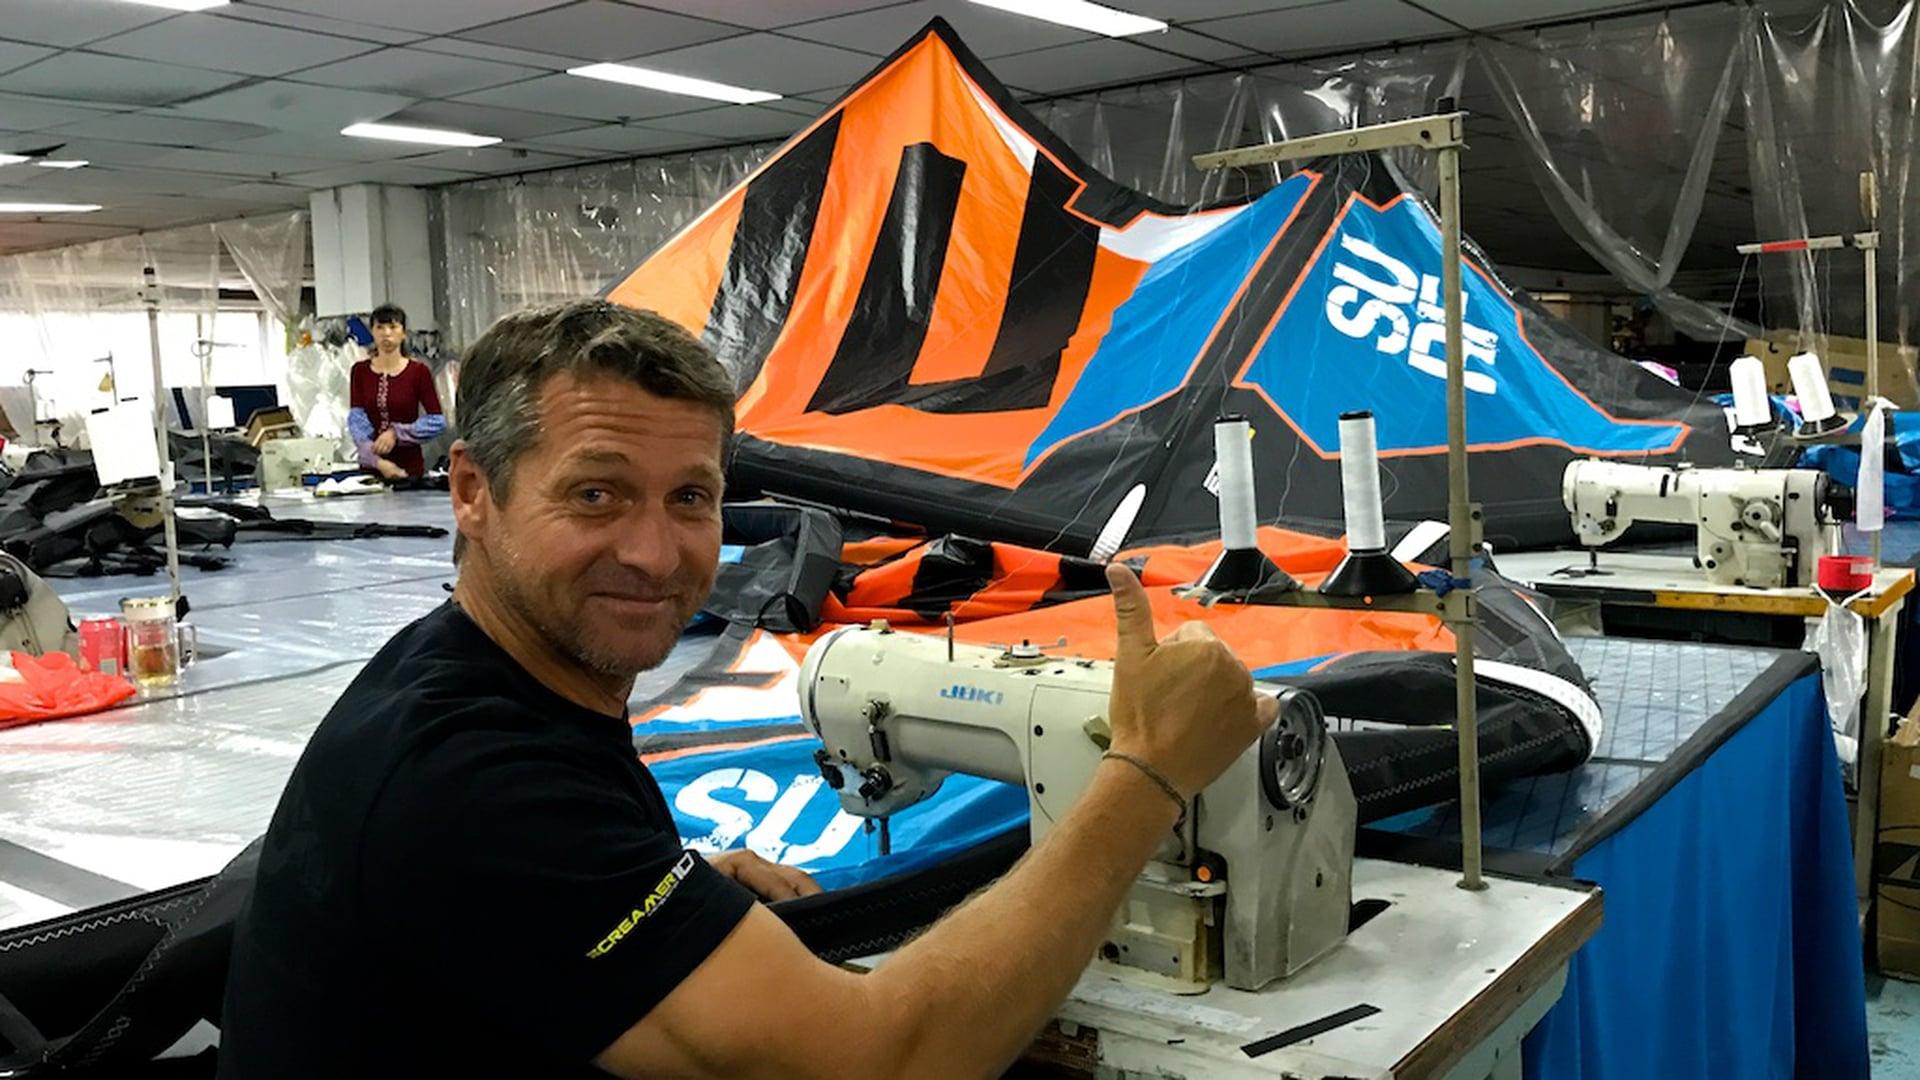 EPIC KITE FACTORY - with Epic Kites Kiteboarding